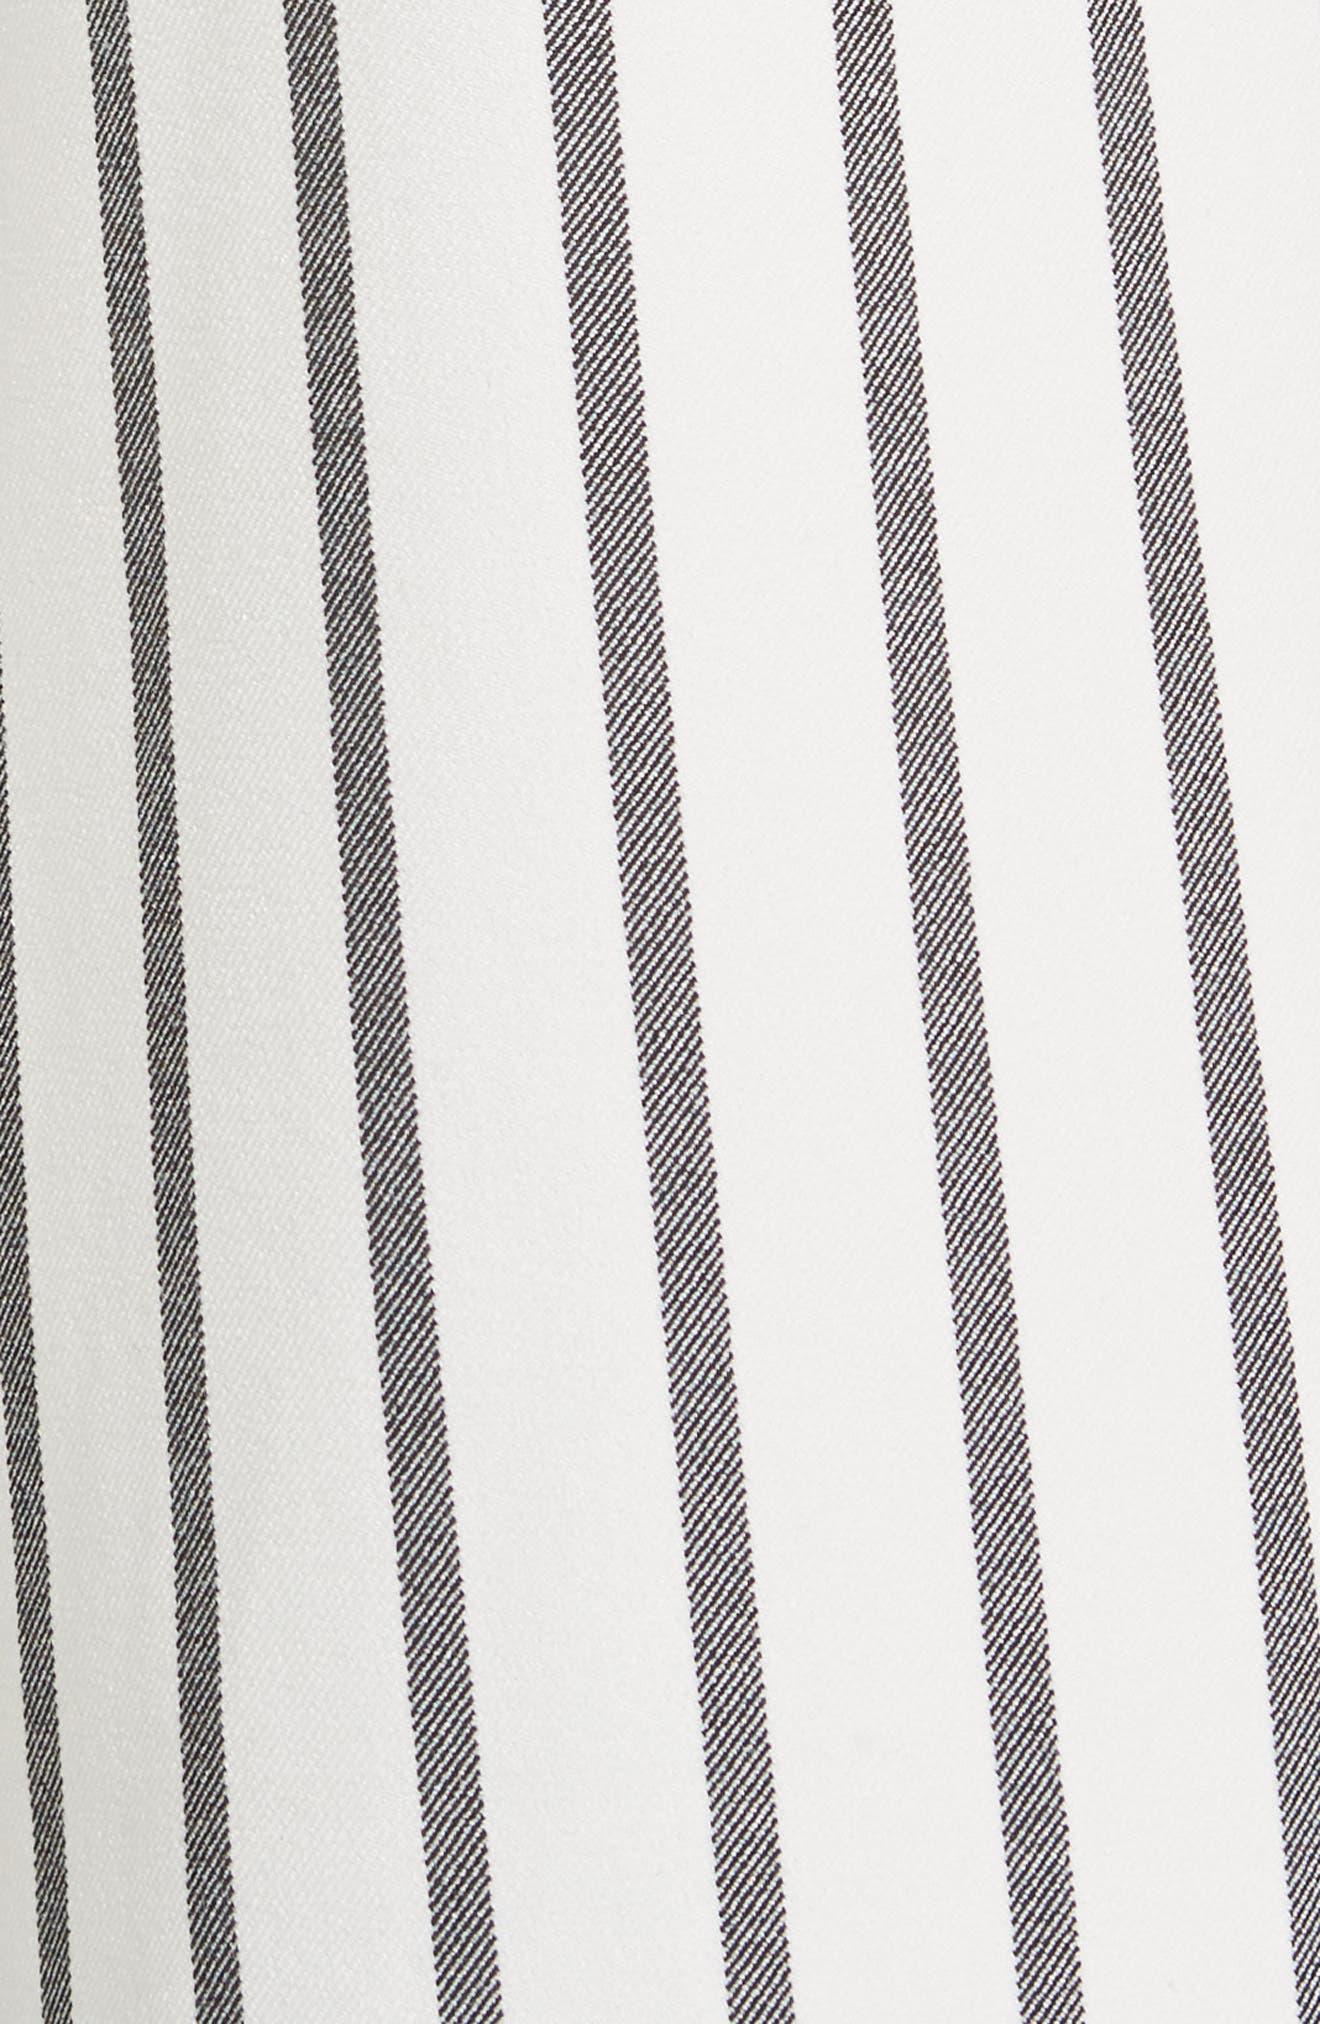 Lucci Stripe Crop Wide Leg Pants,                             Alternate thumbnail 6, color,                             907